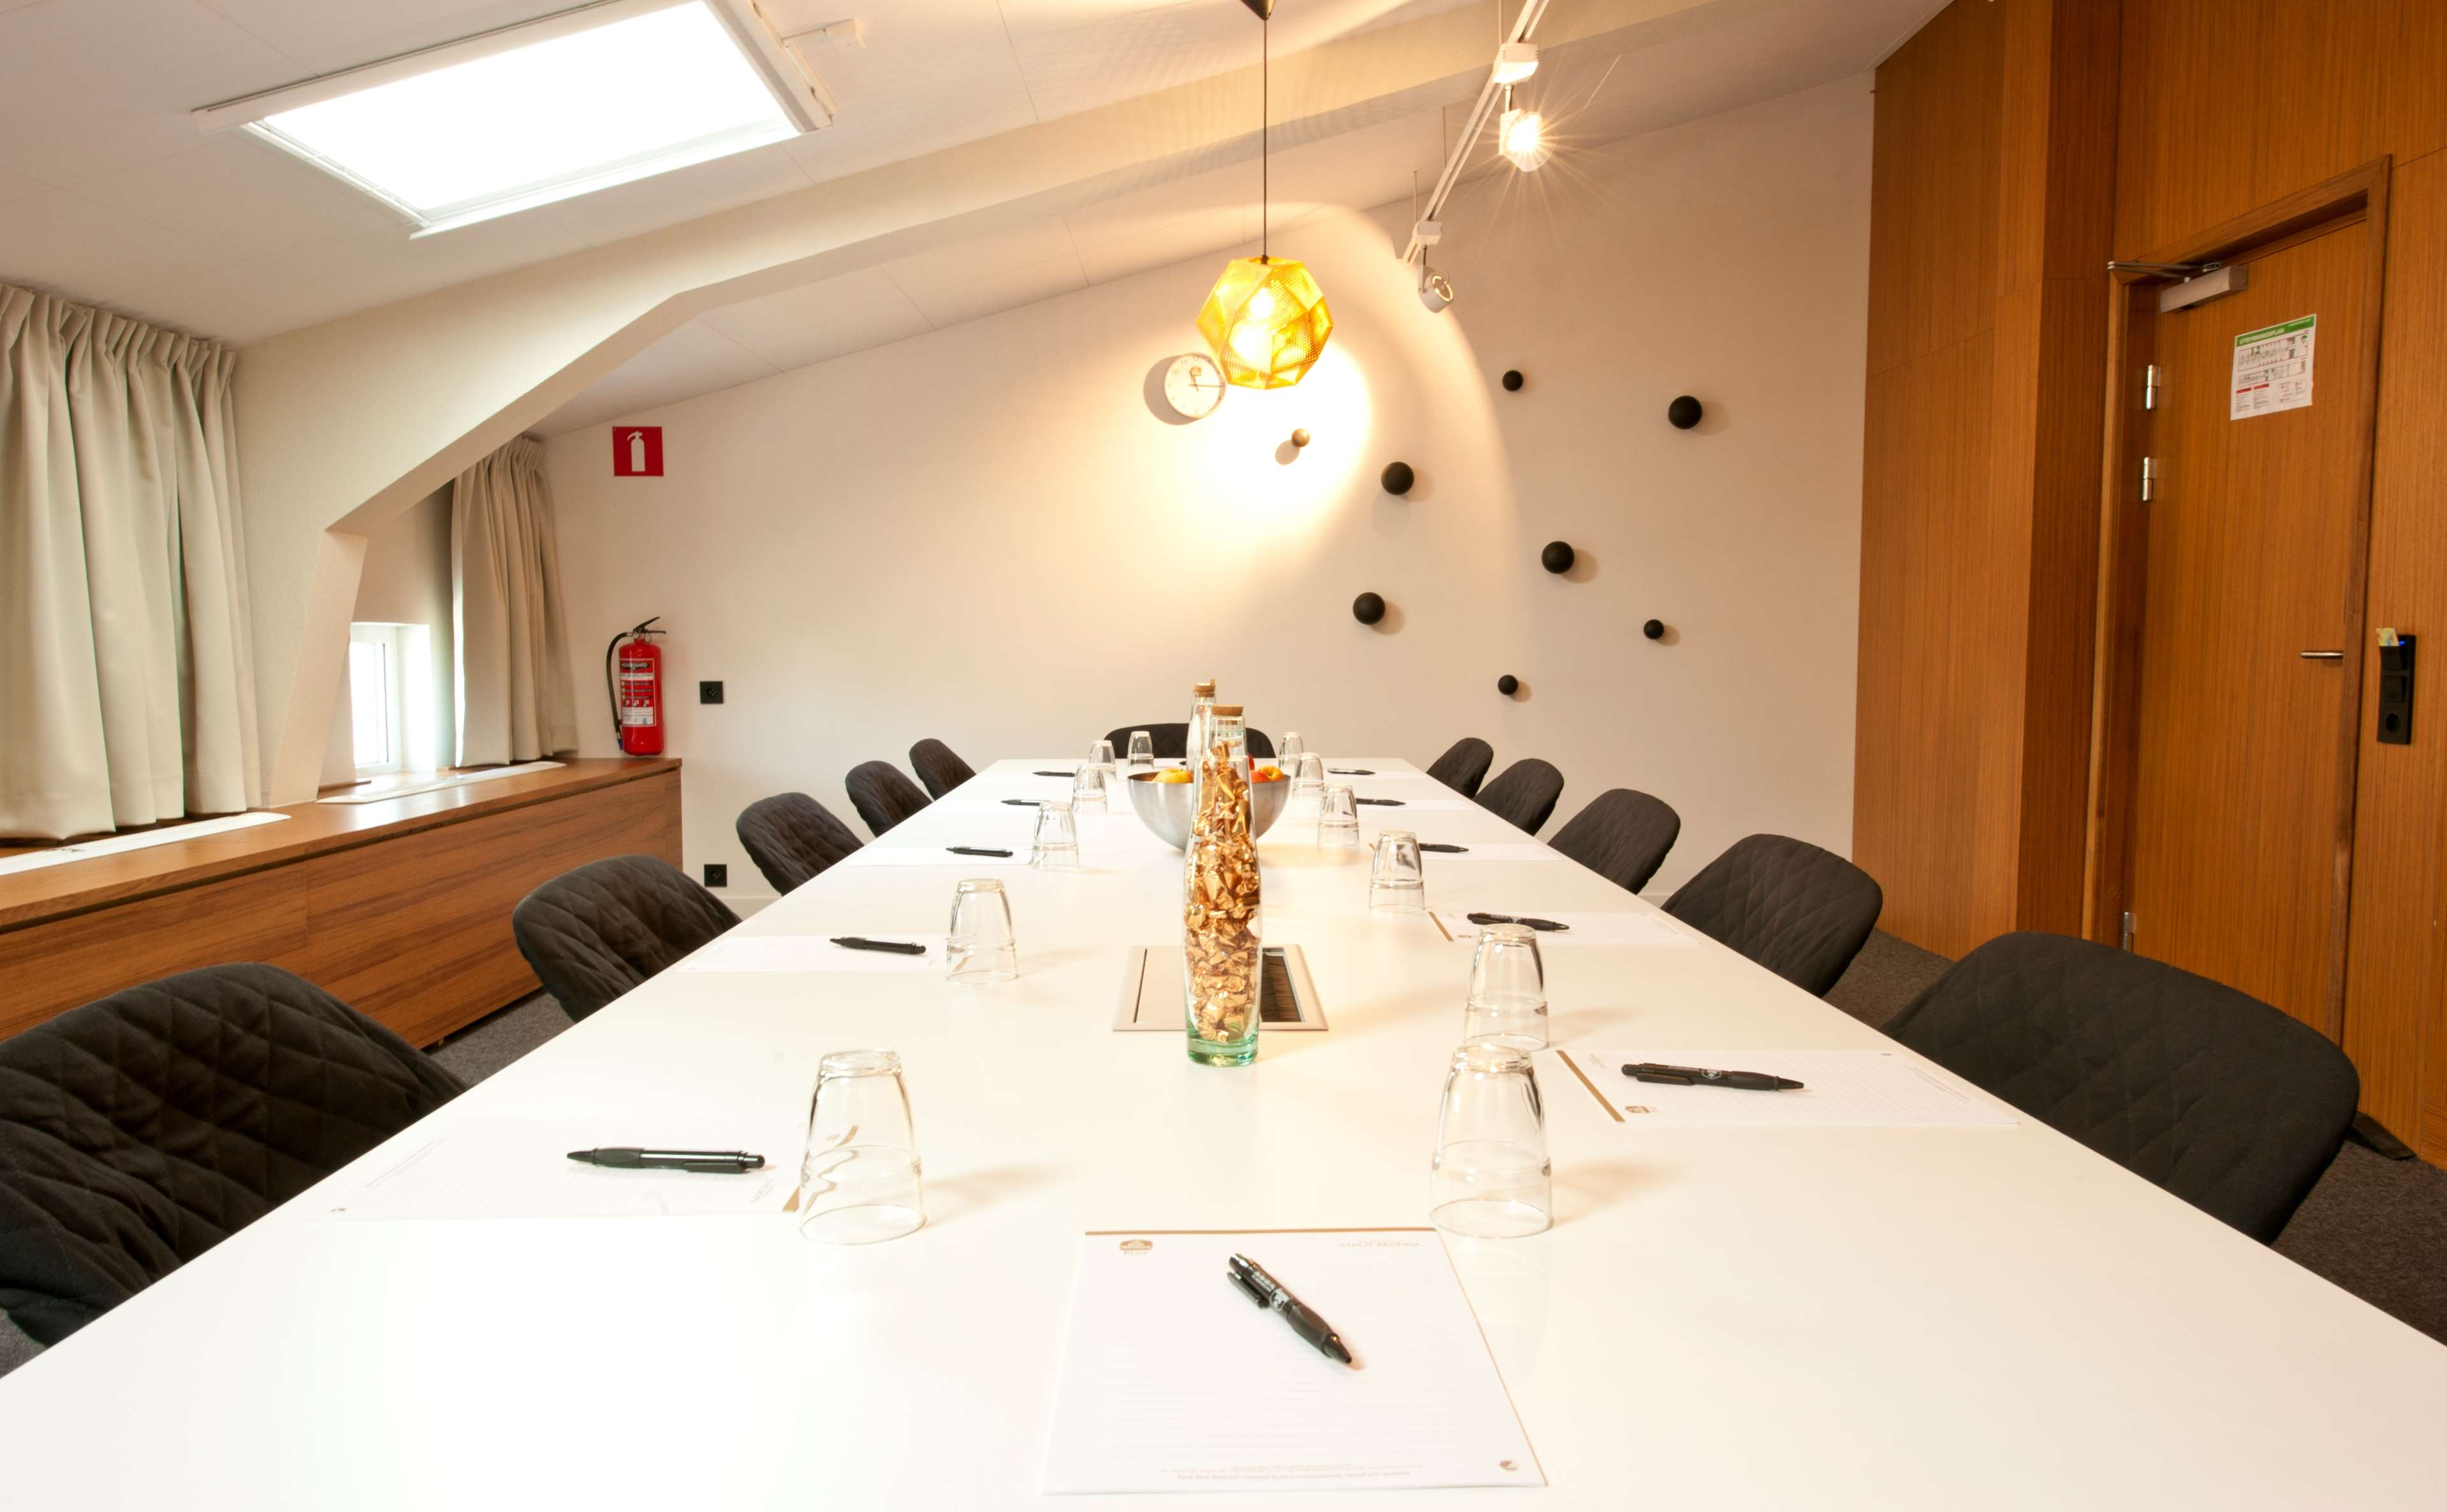 SAAB 2000 Meeting Room